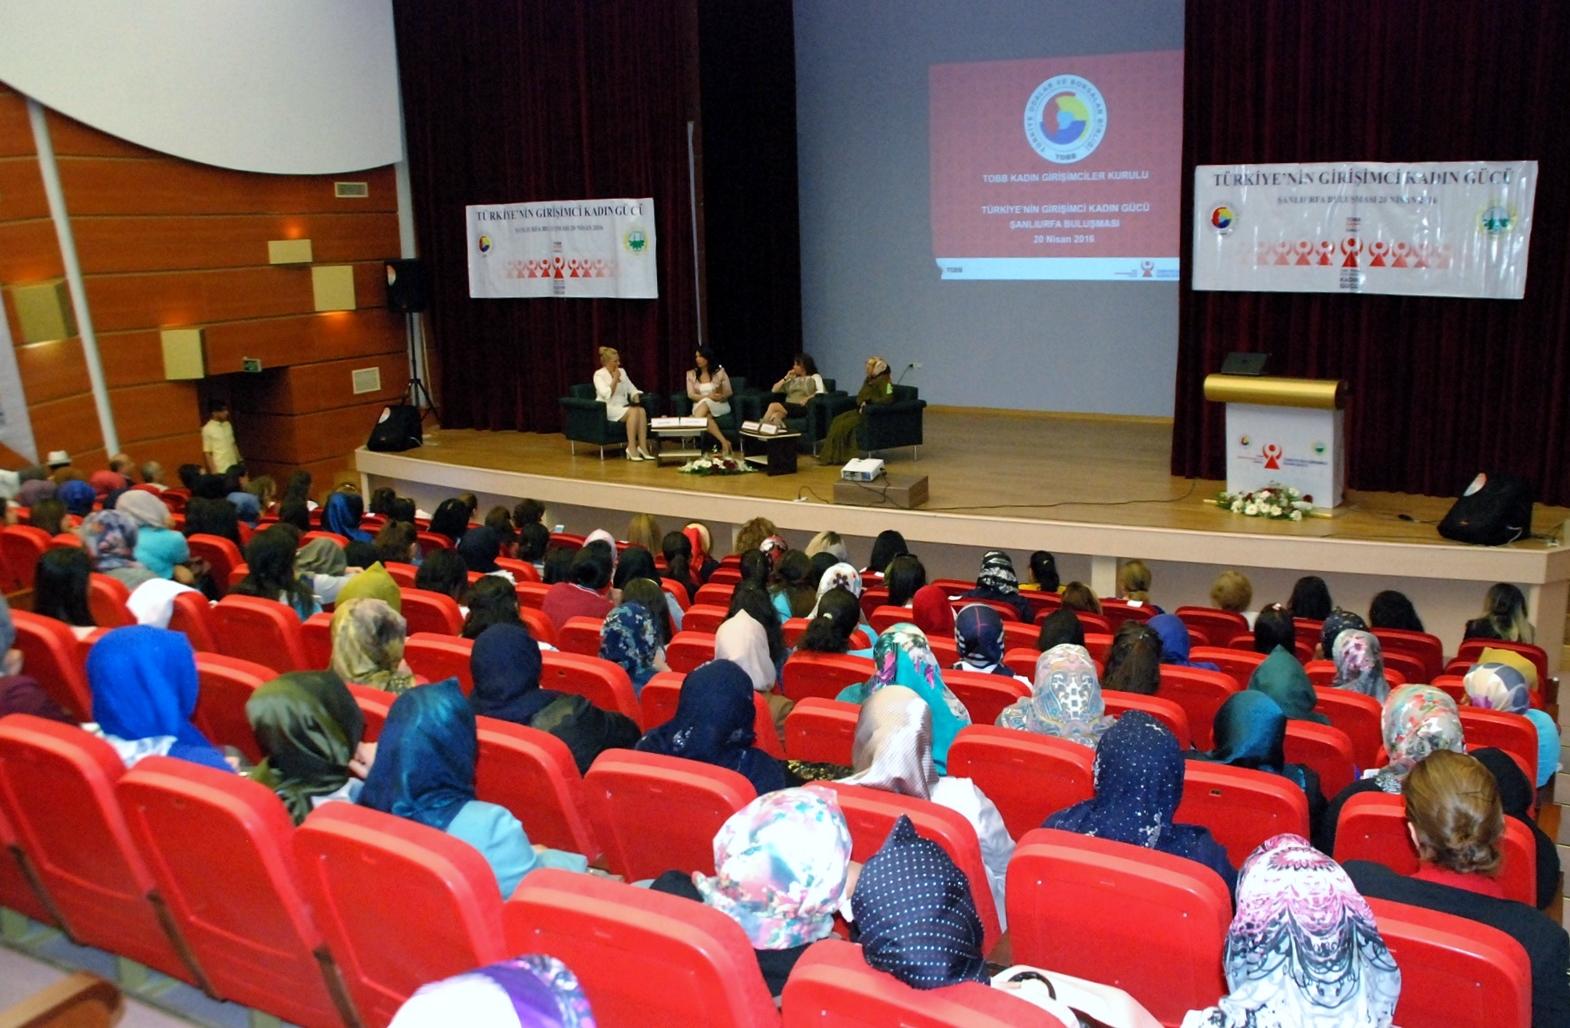 Türkiye'nin Girişimci Kadın Gücü Şanlıurfa Buluşması